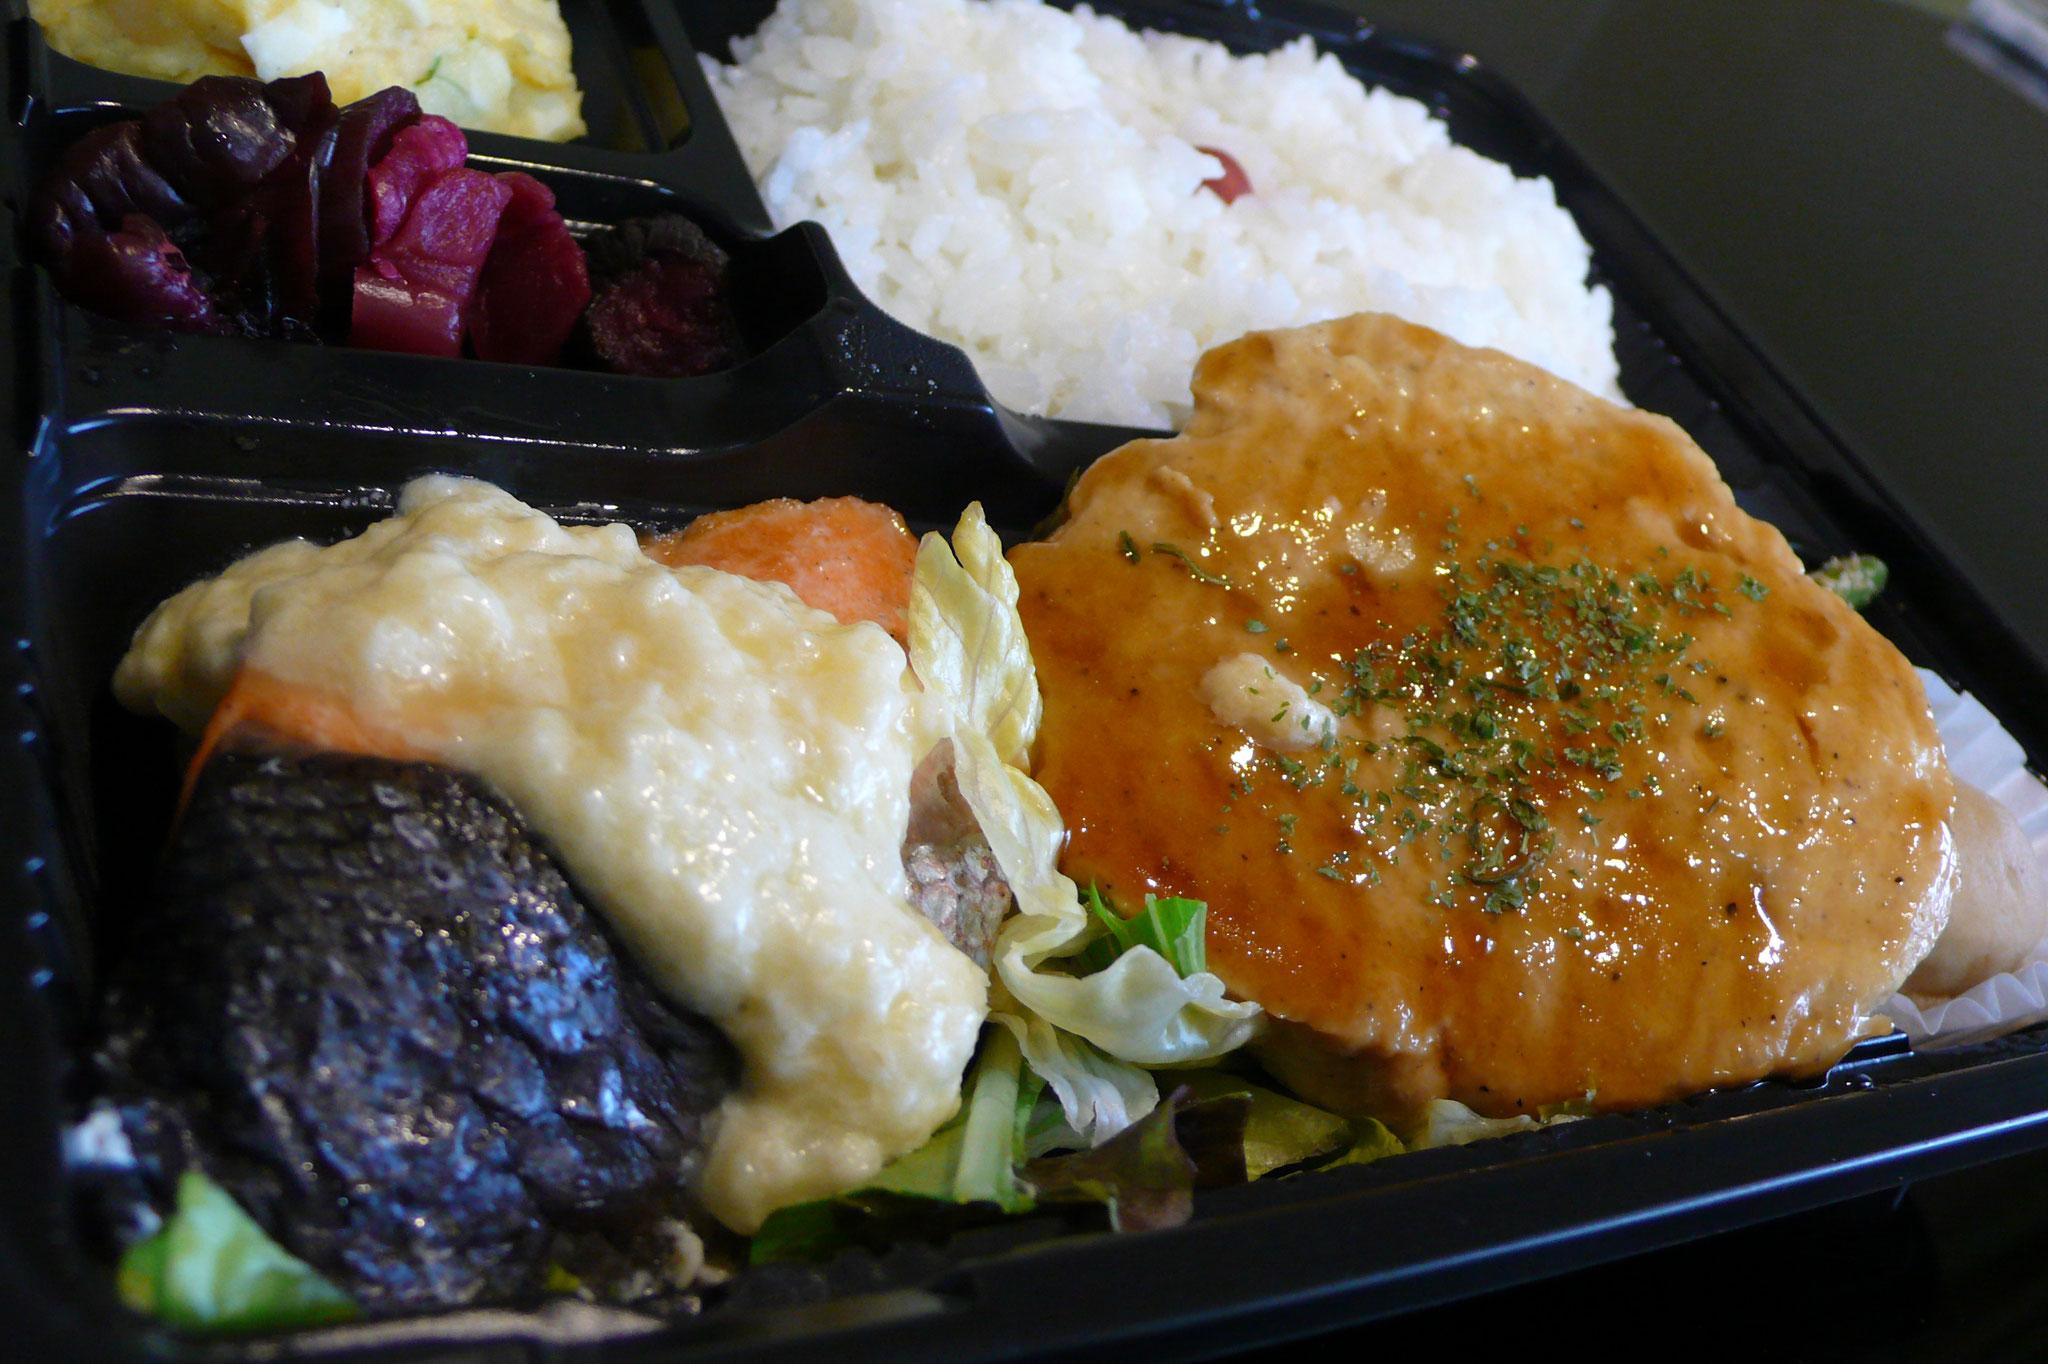 大きな豆腐ハンバーグ&鮭ムニエル クリームソース